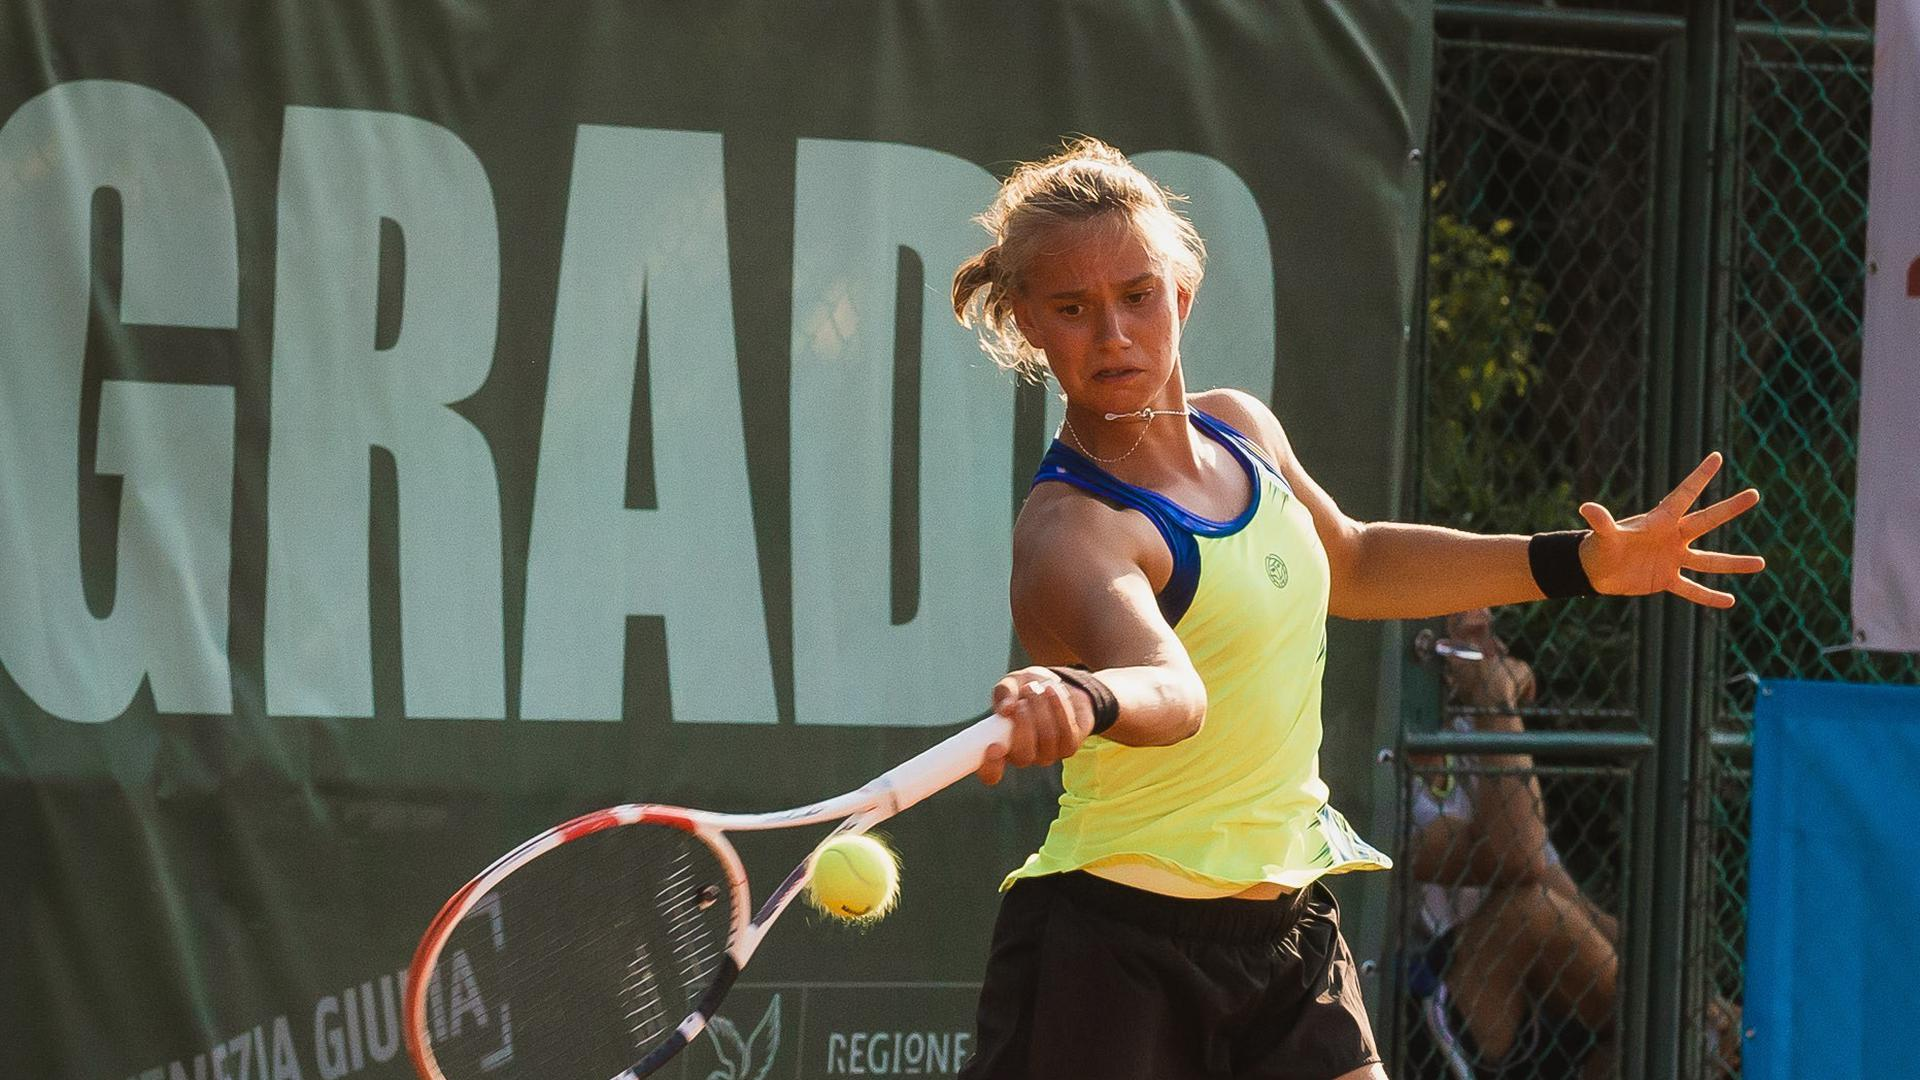 Konzentrierter Durchmarsch: Sina Herrmann spielte in Grado erstmals ein Turnier der 25.000-Dollar-Kategorie - und feierte völlig überraschend ihren ersten großen Sieg auf der ITF-Serie.